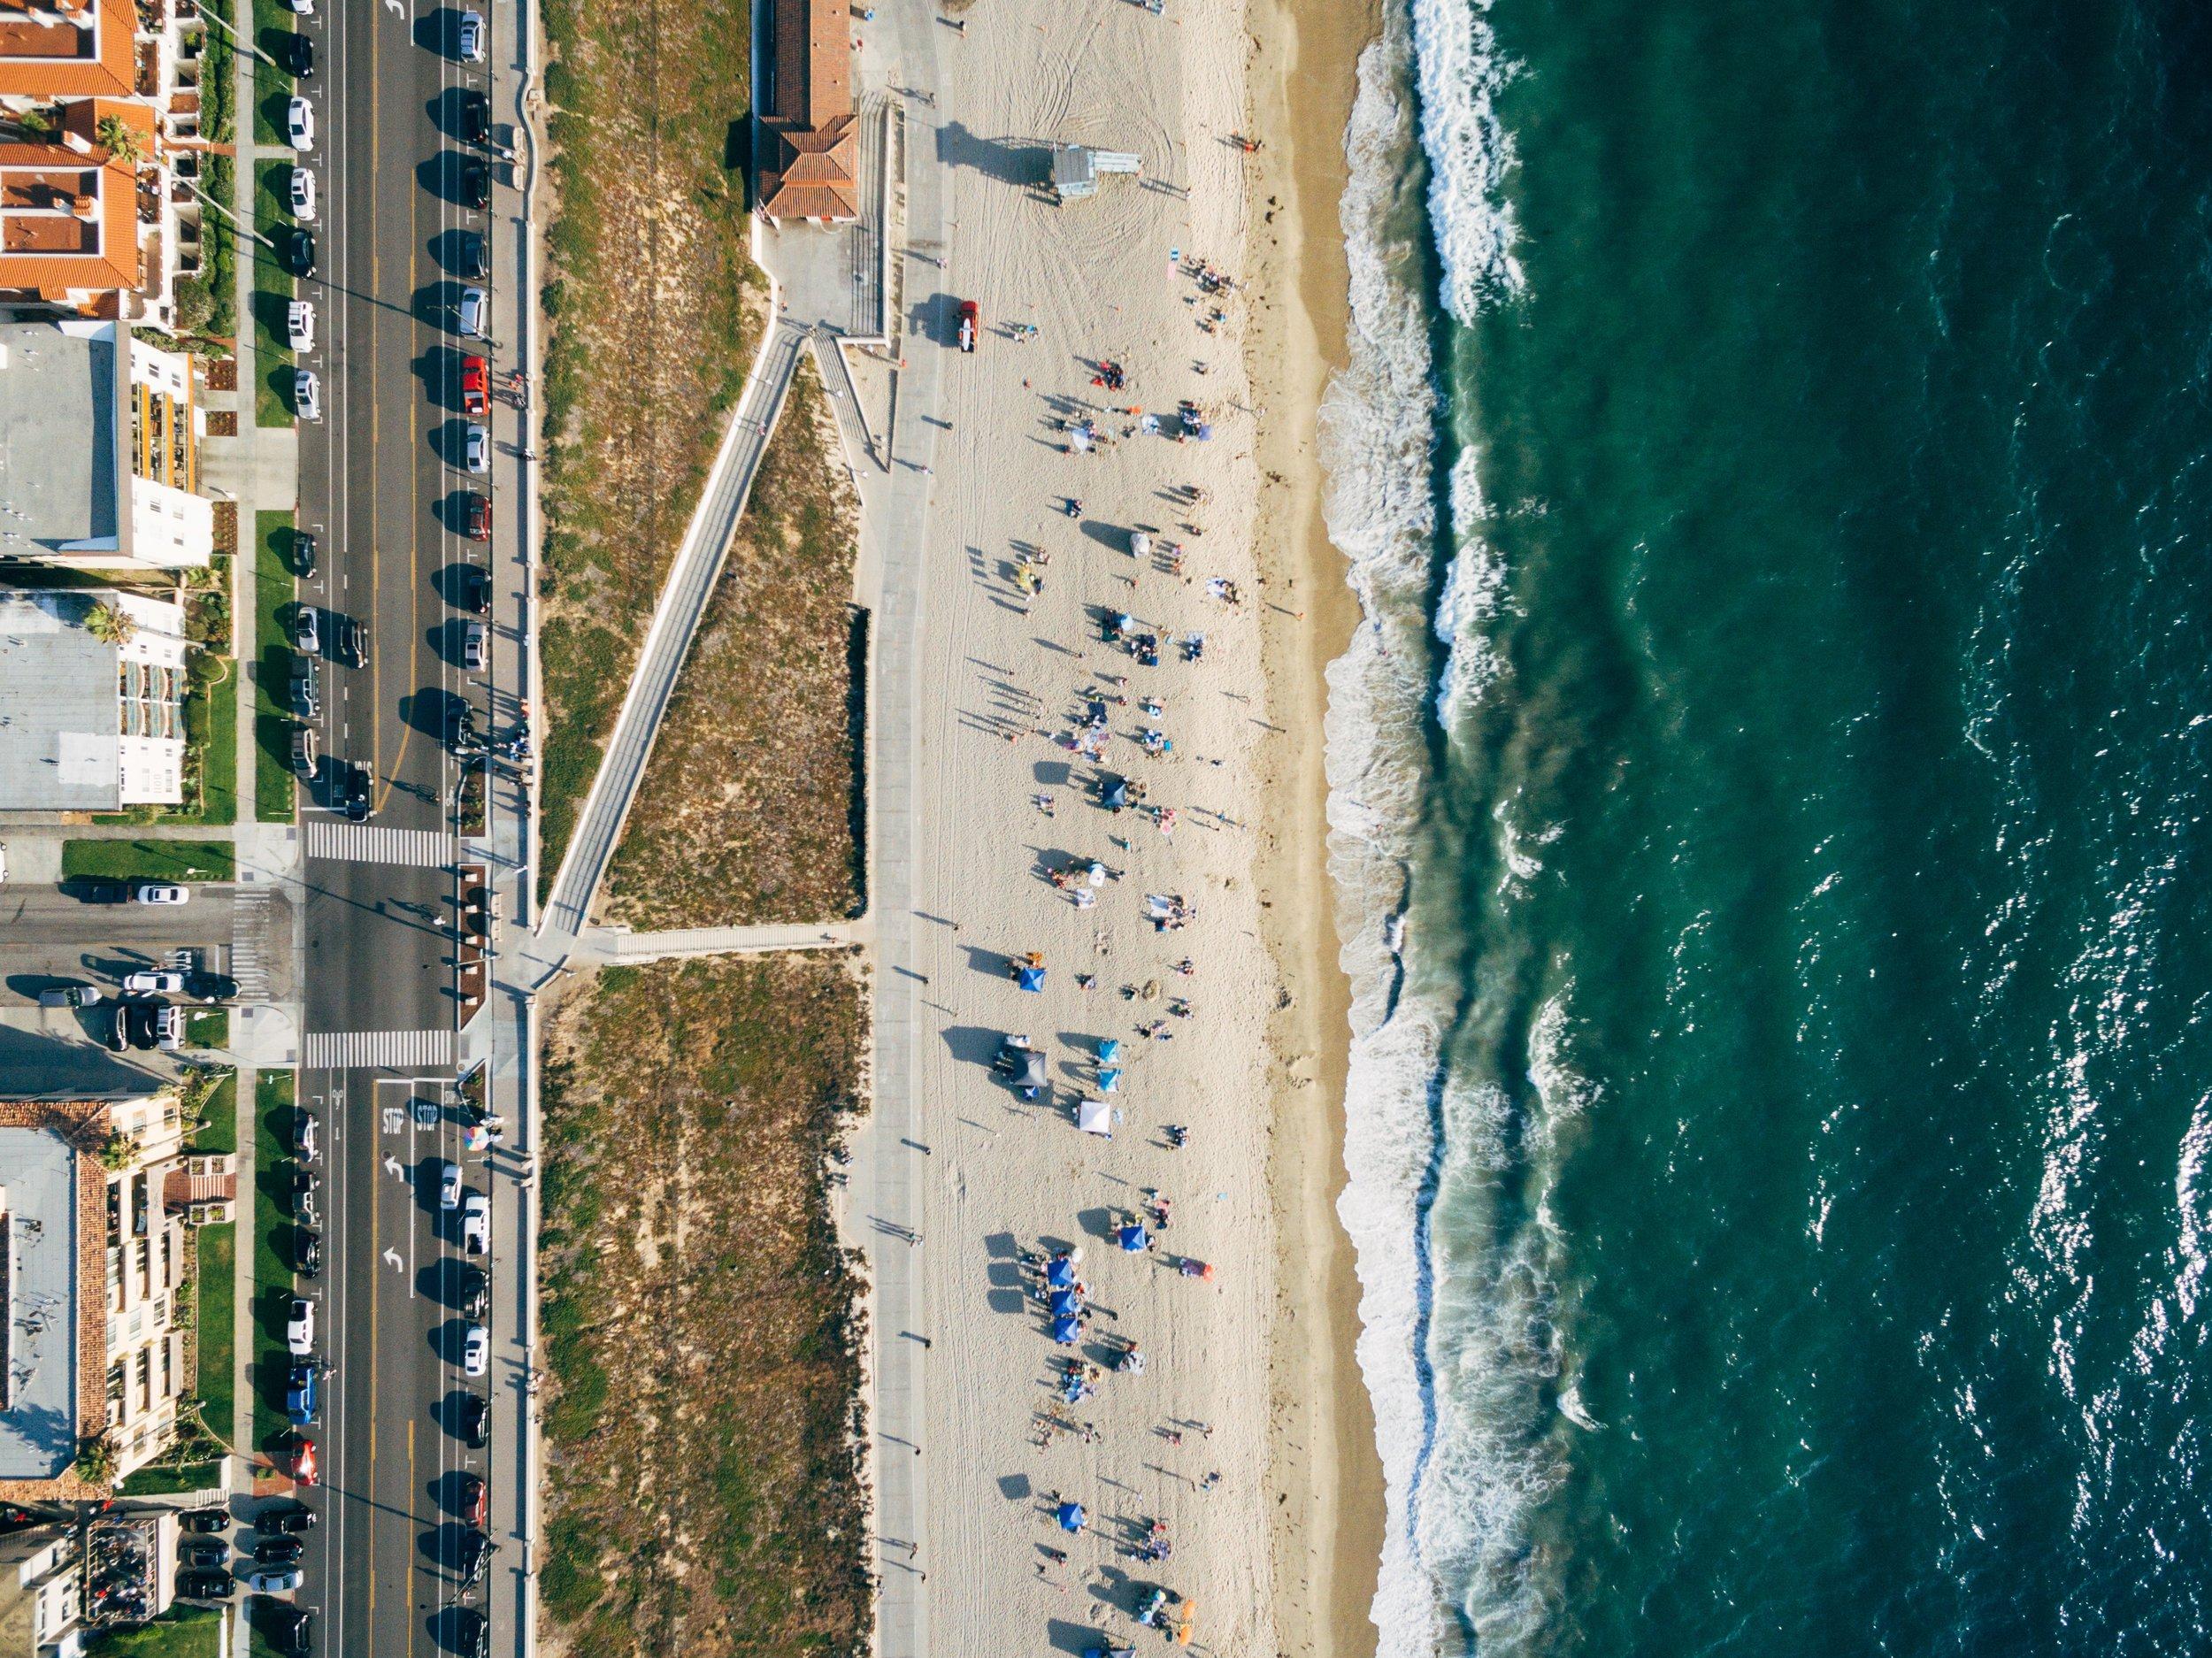 paul-303766 beach drone looking down.jpg